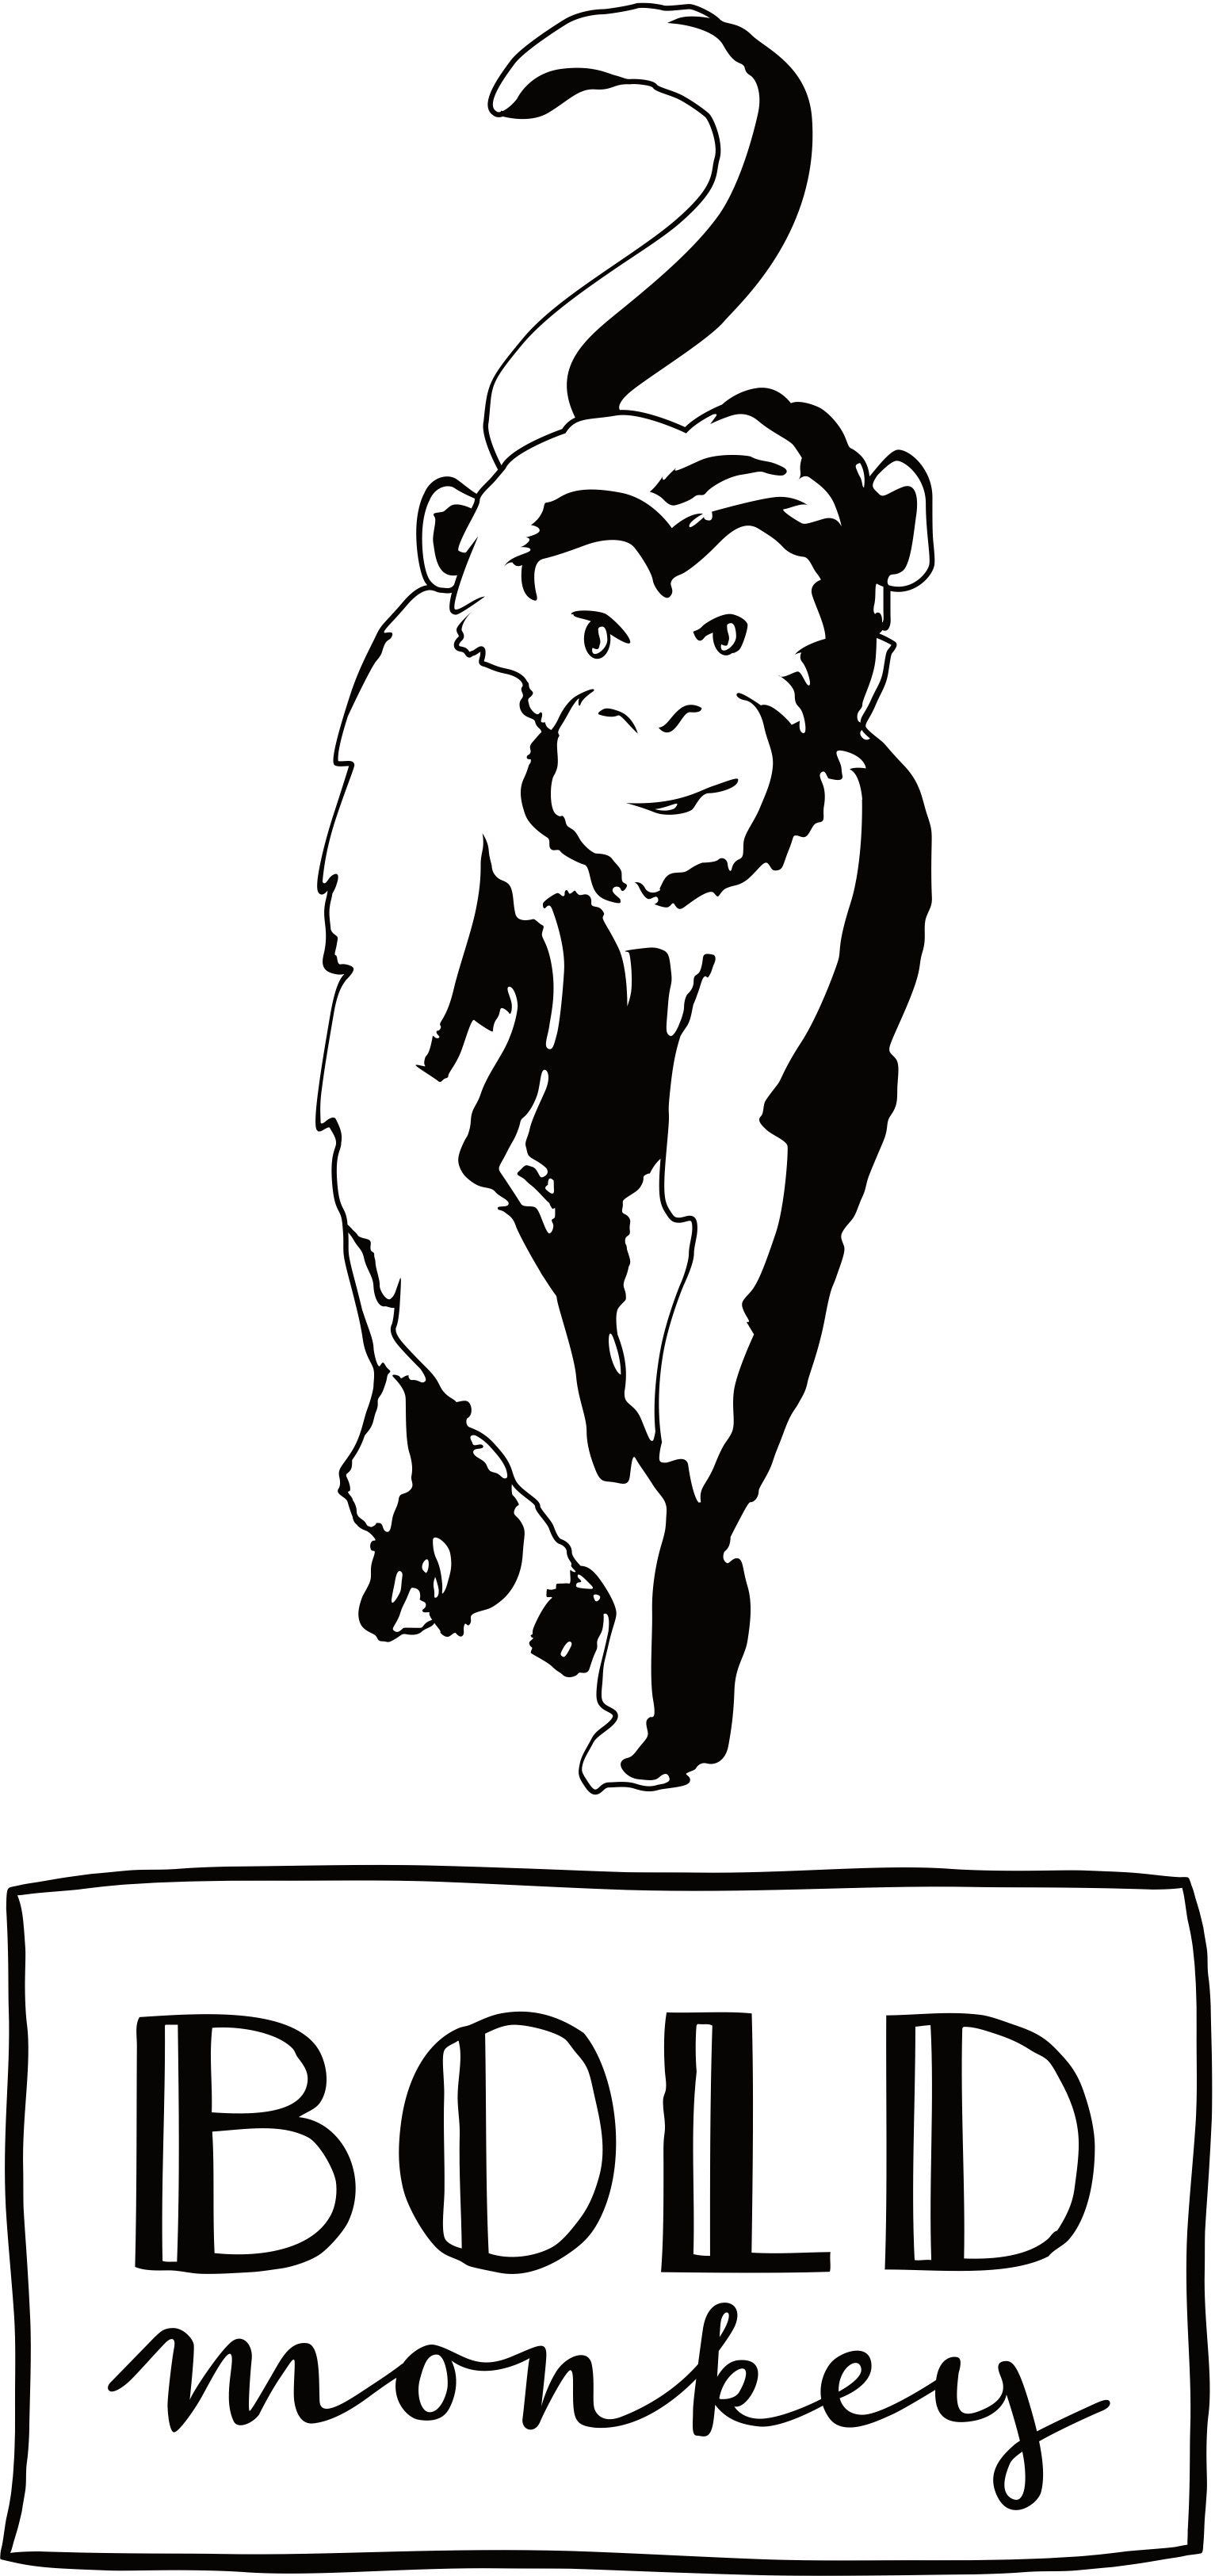 Bold Monkey No Girlfriend No Problem vloerlamp lamp kat poes dier dieren zwart extravagant grappig rond lampenkap